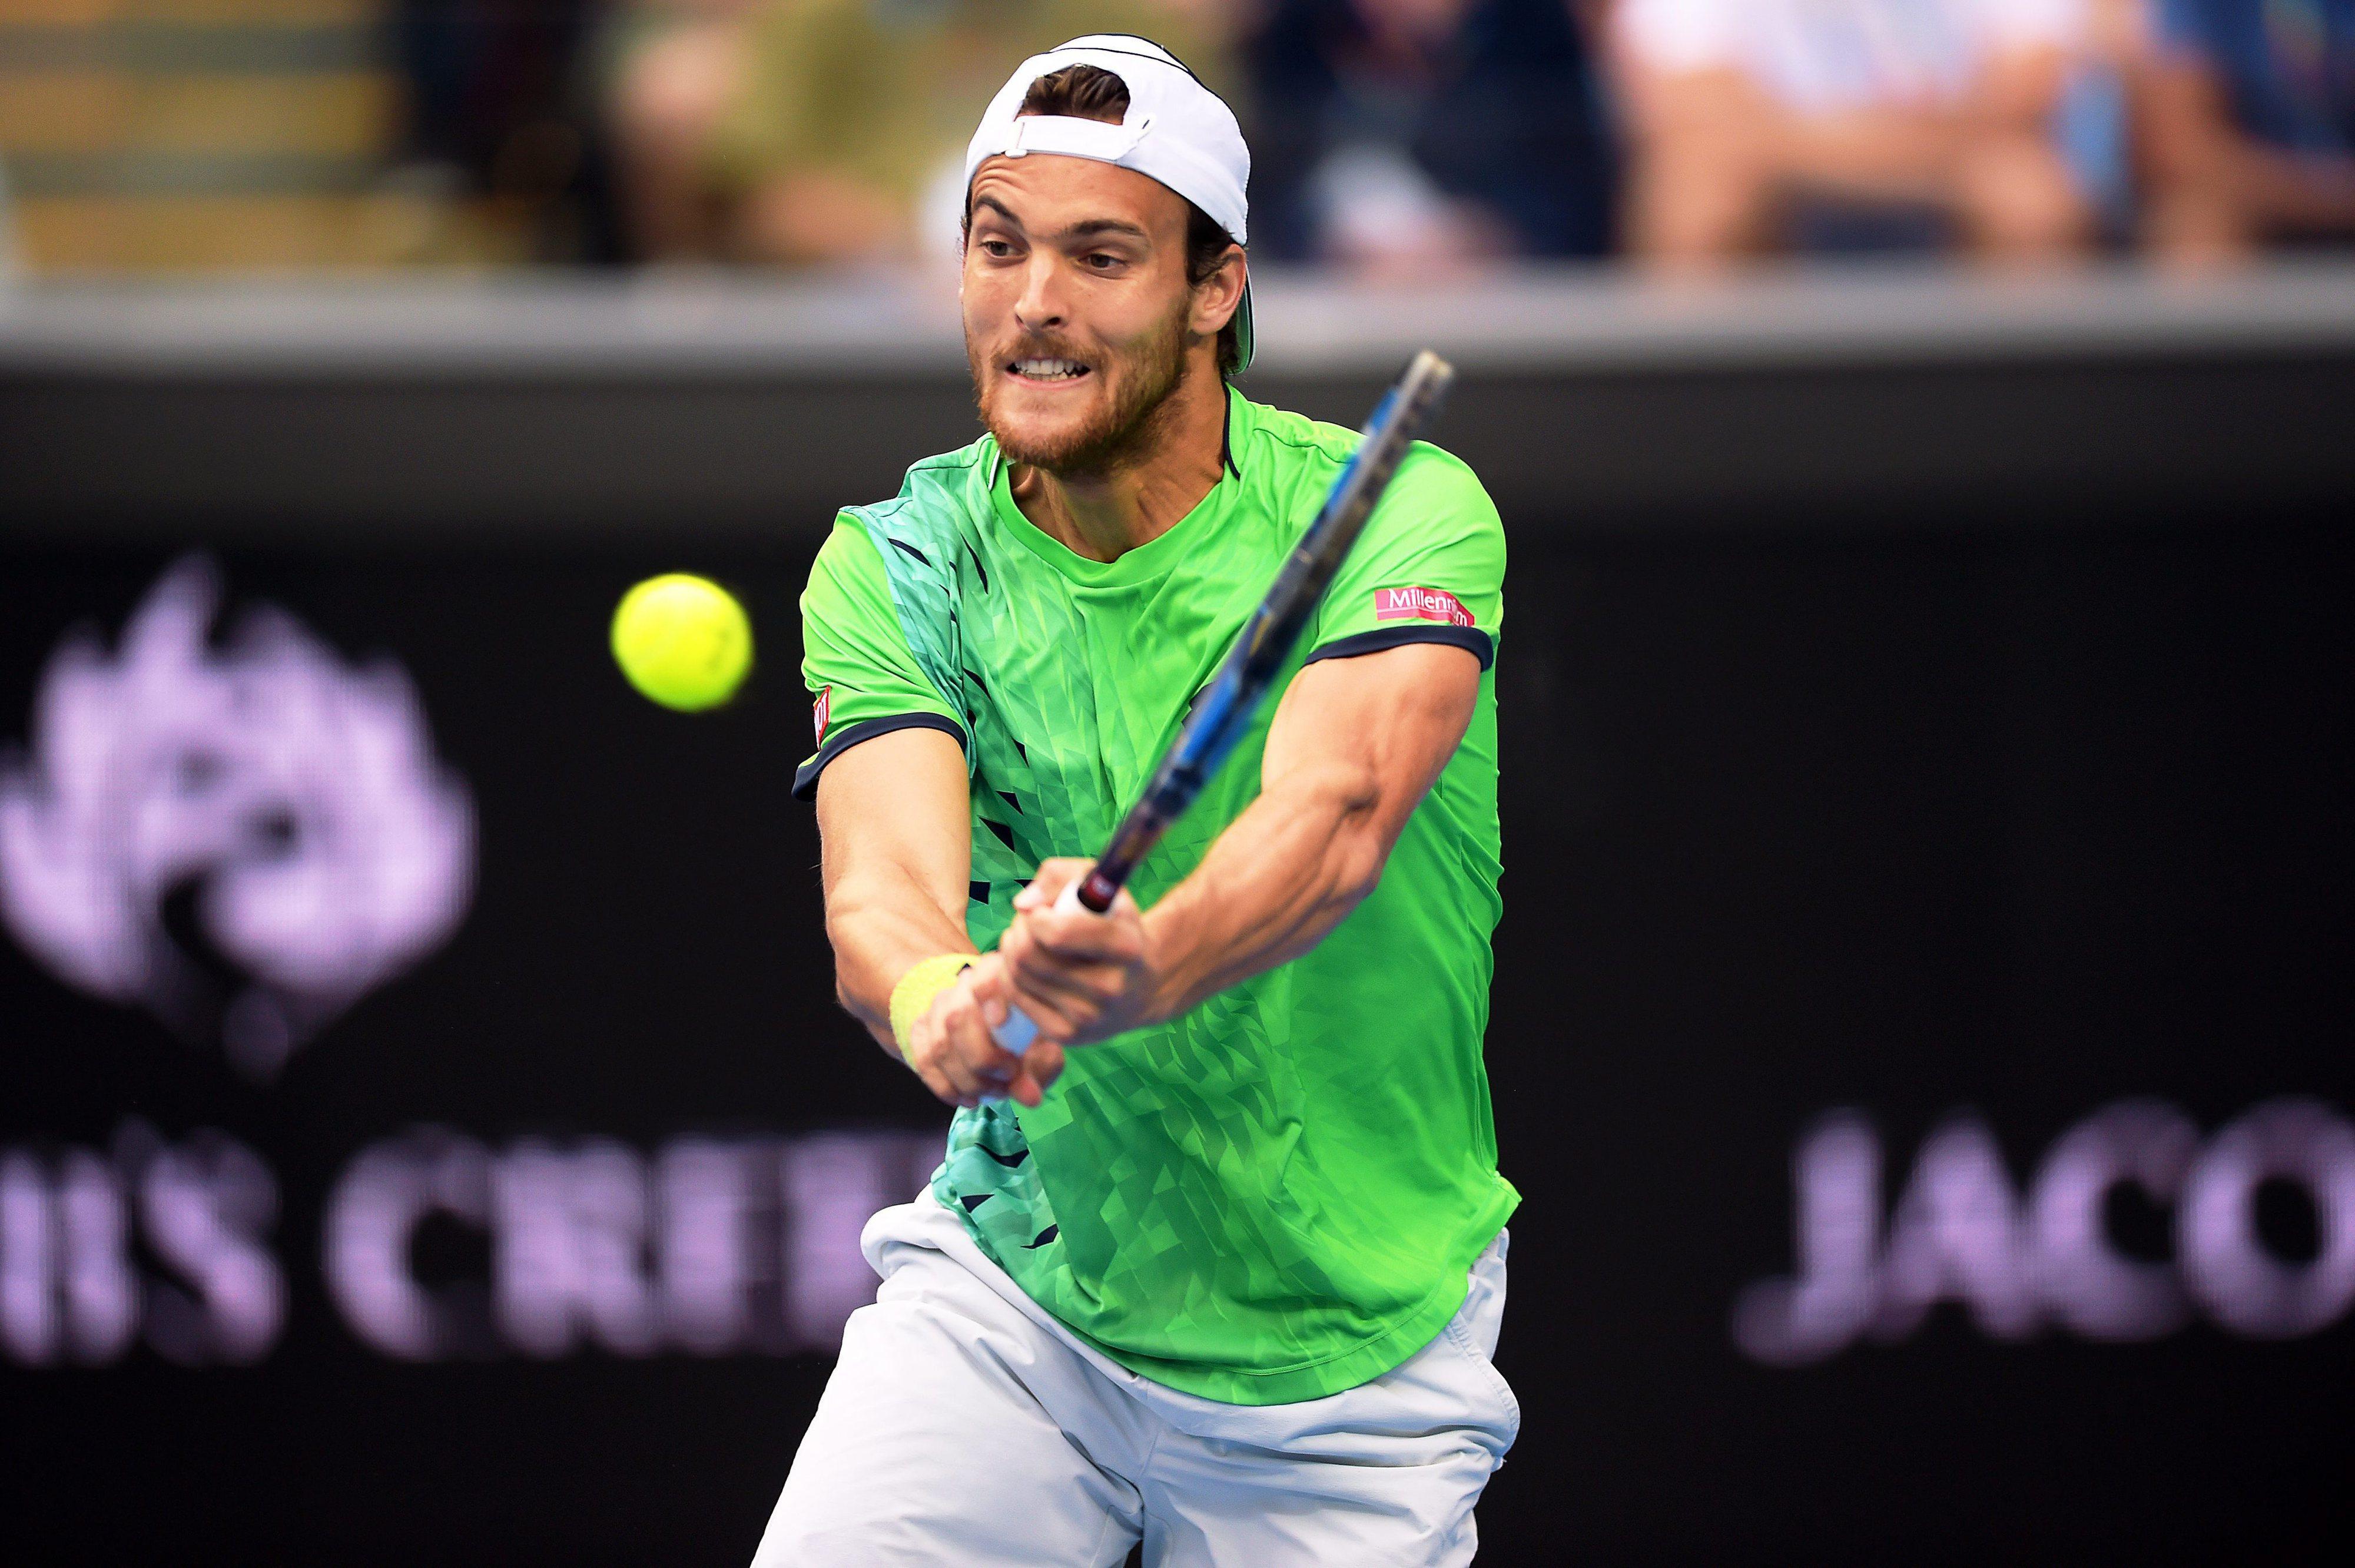 João Sousa mantém 33.º lugar no 'ranking' mundial de ténis